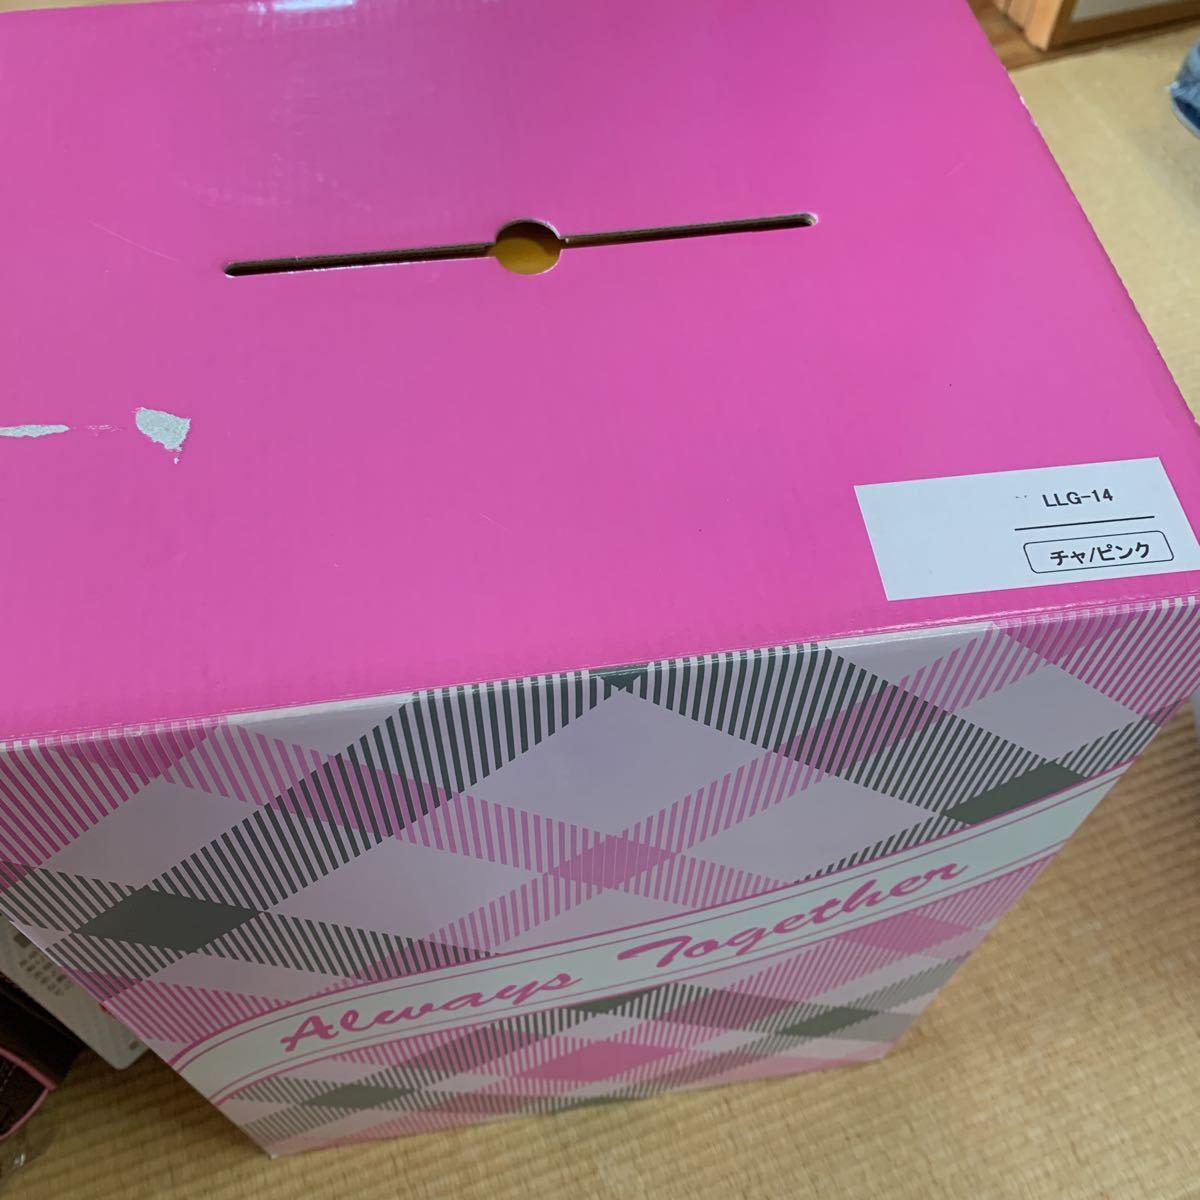 新品未使用 池田地球 ランドセル 型落ち ブラウン ピンク 刺繍 A4フラットファイル対応 日本製_画像10